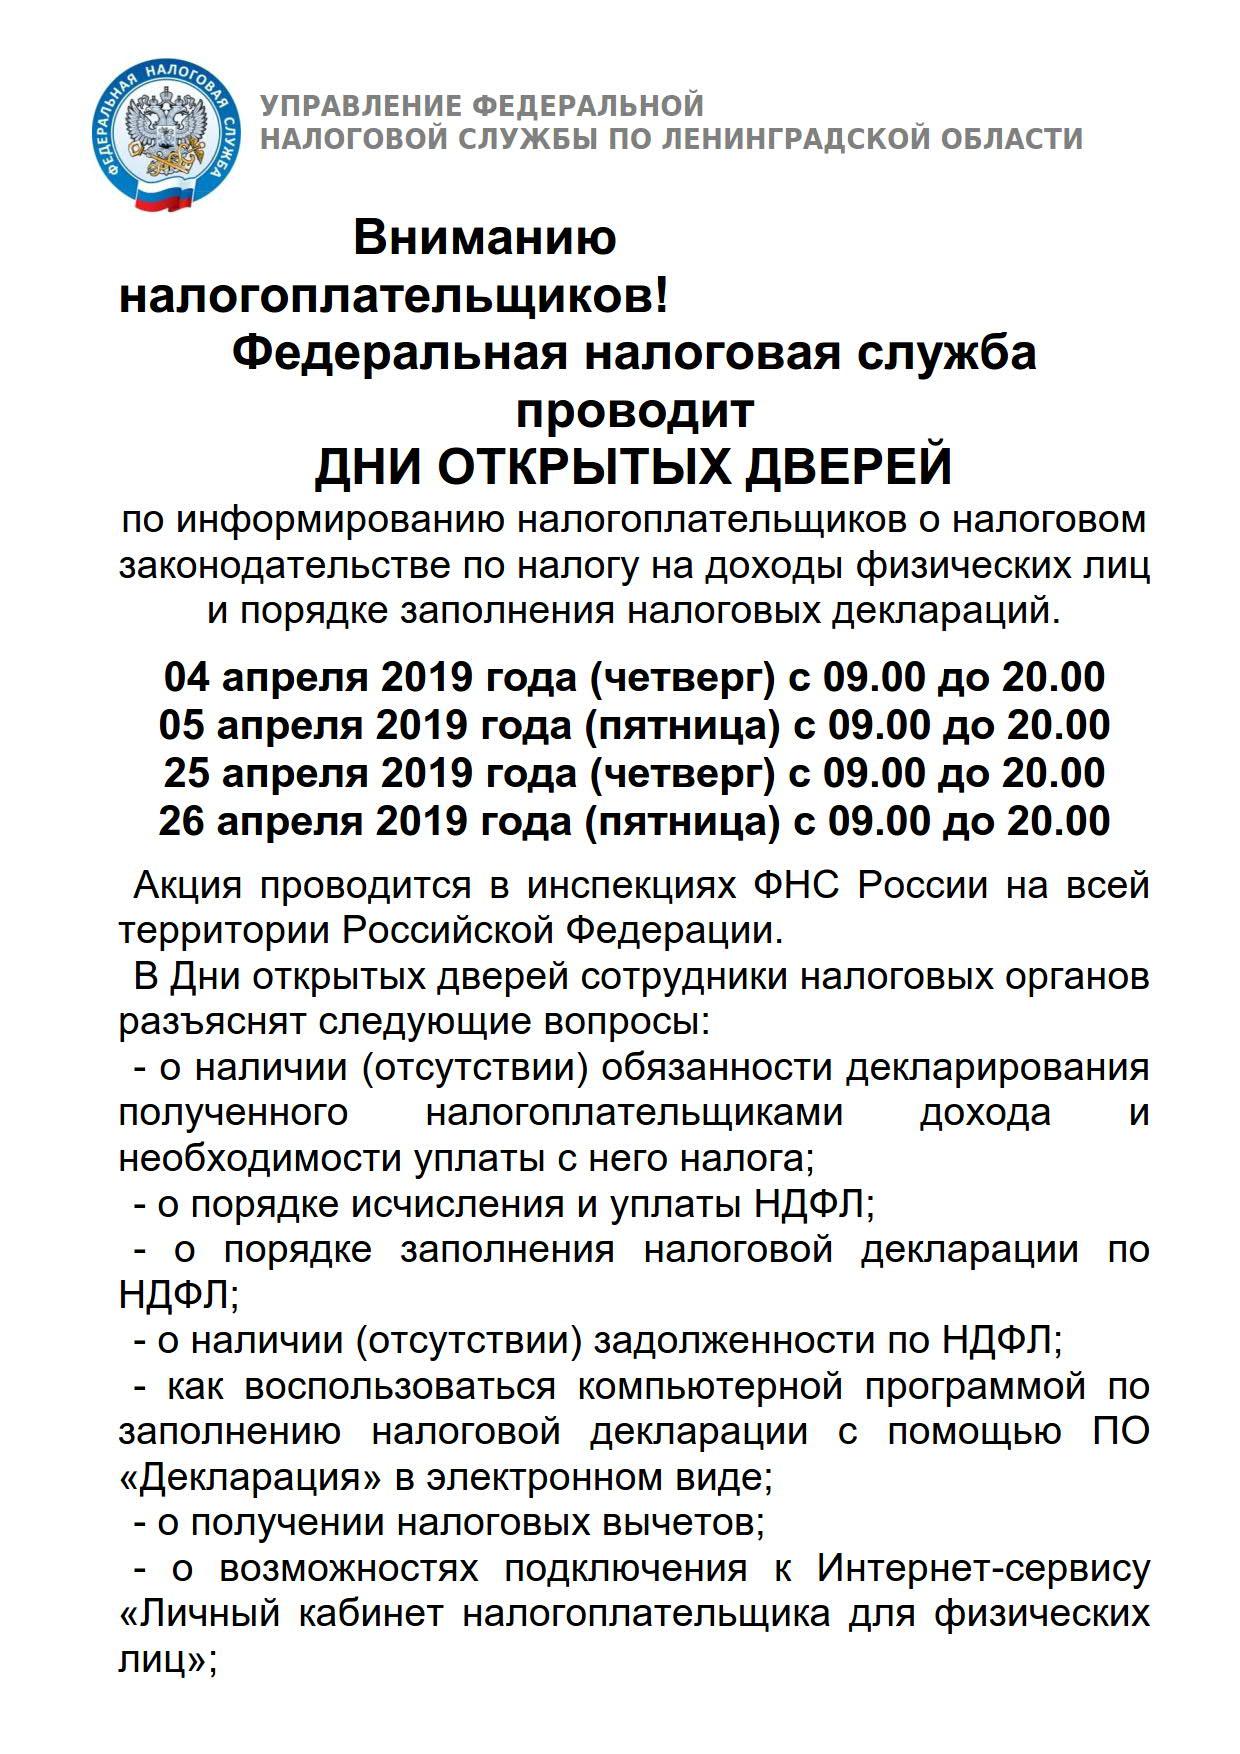 ДОД 2019_1